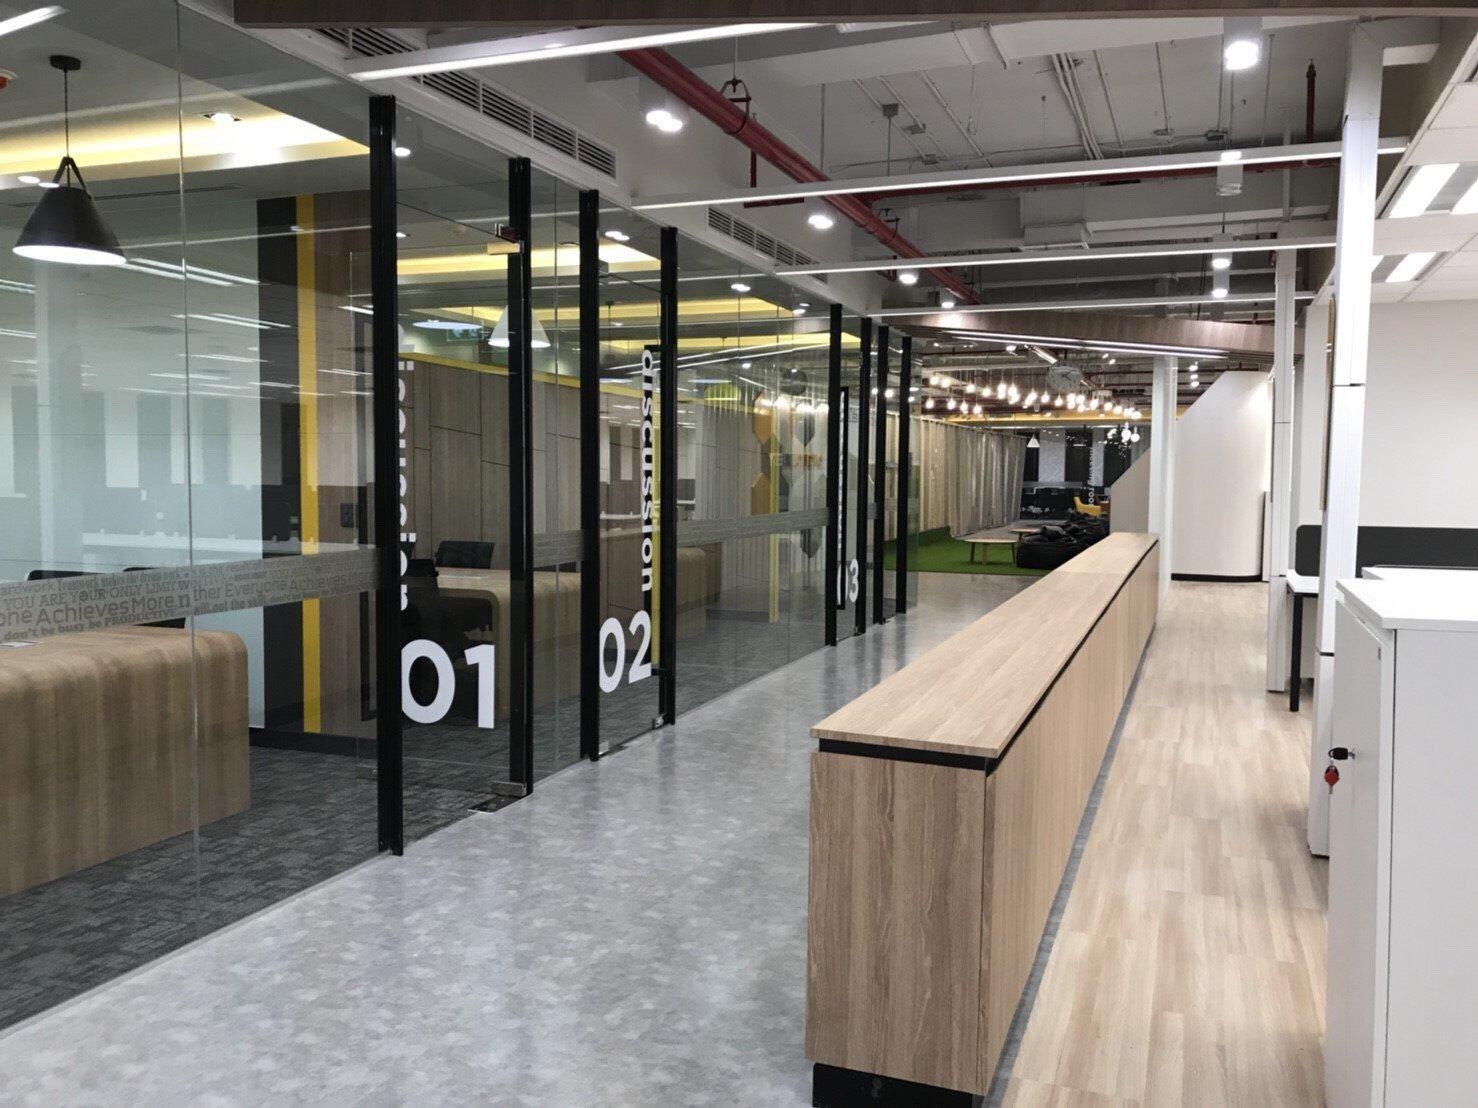 """ออฟฟิศแนวคิดใหม่ สุดฮิปของชาวกรุงศรีฯ ในสไตล์ """"Co-Working Space ที่ให้งาน Finish แบบไม่ติดสตั้นท์"""" 17 - Bank"""